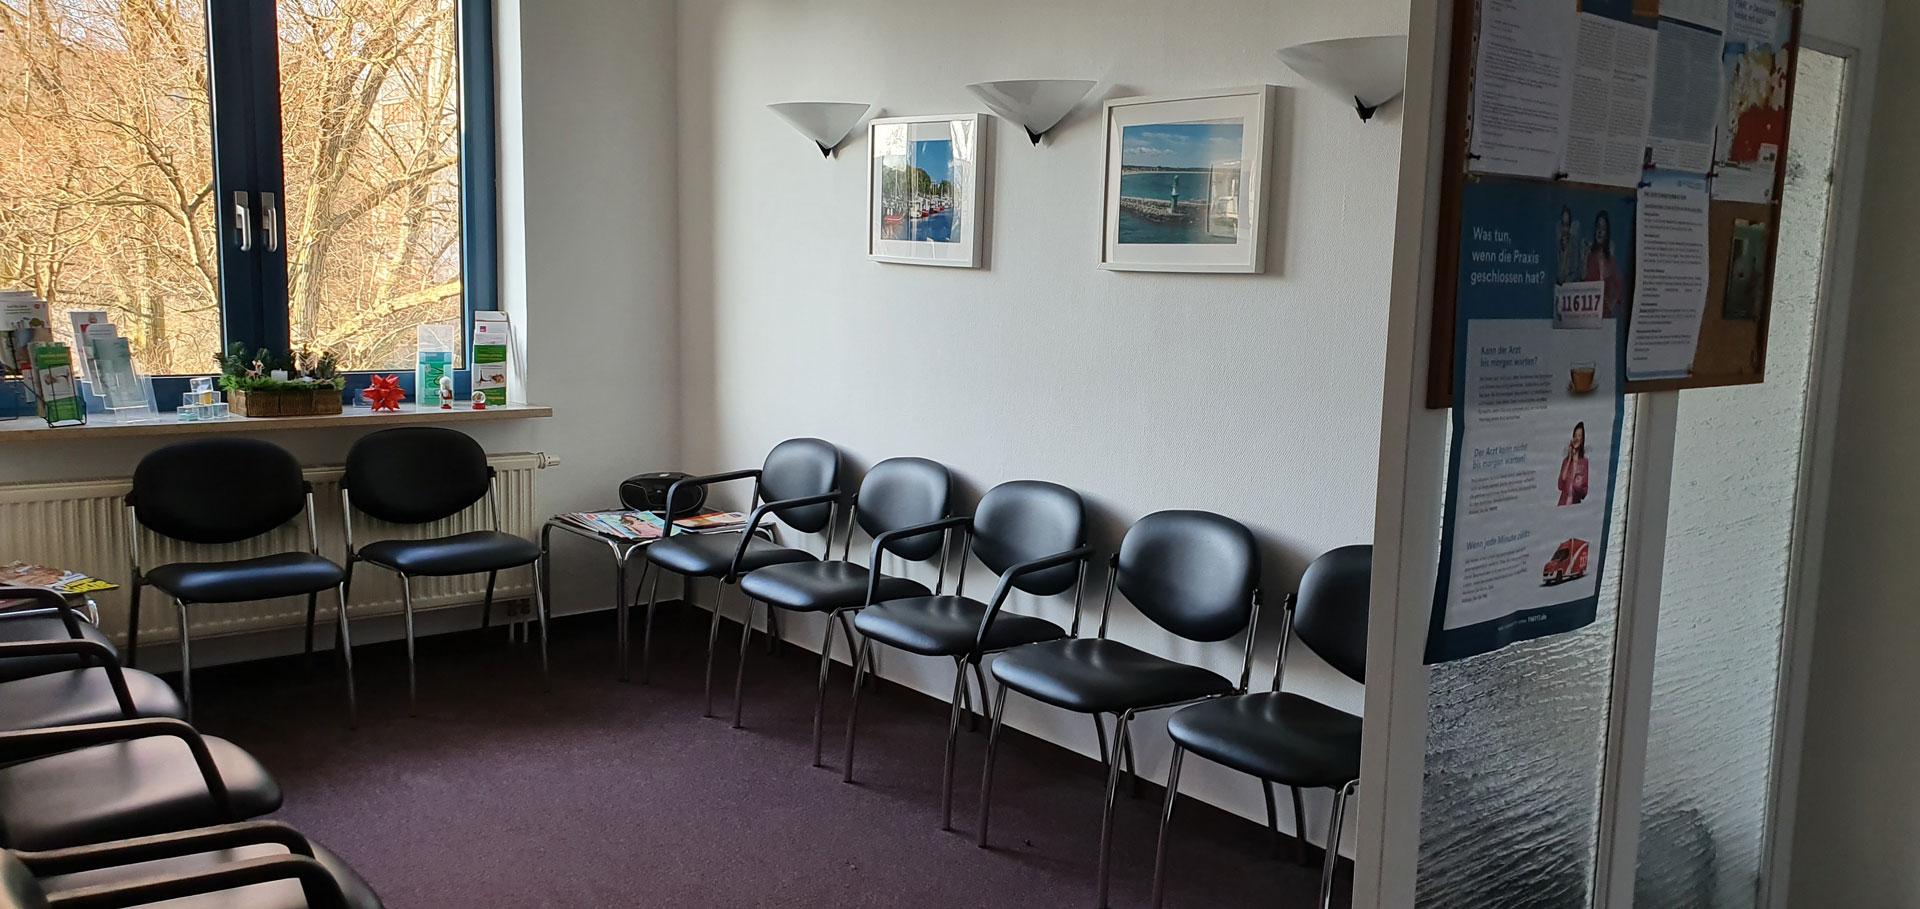 Wartebereich mit Stühlen